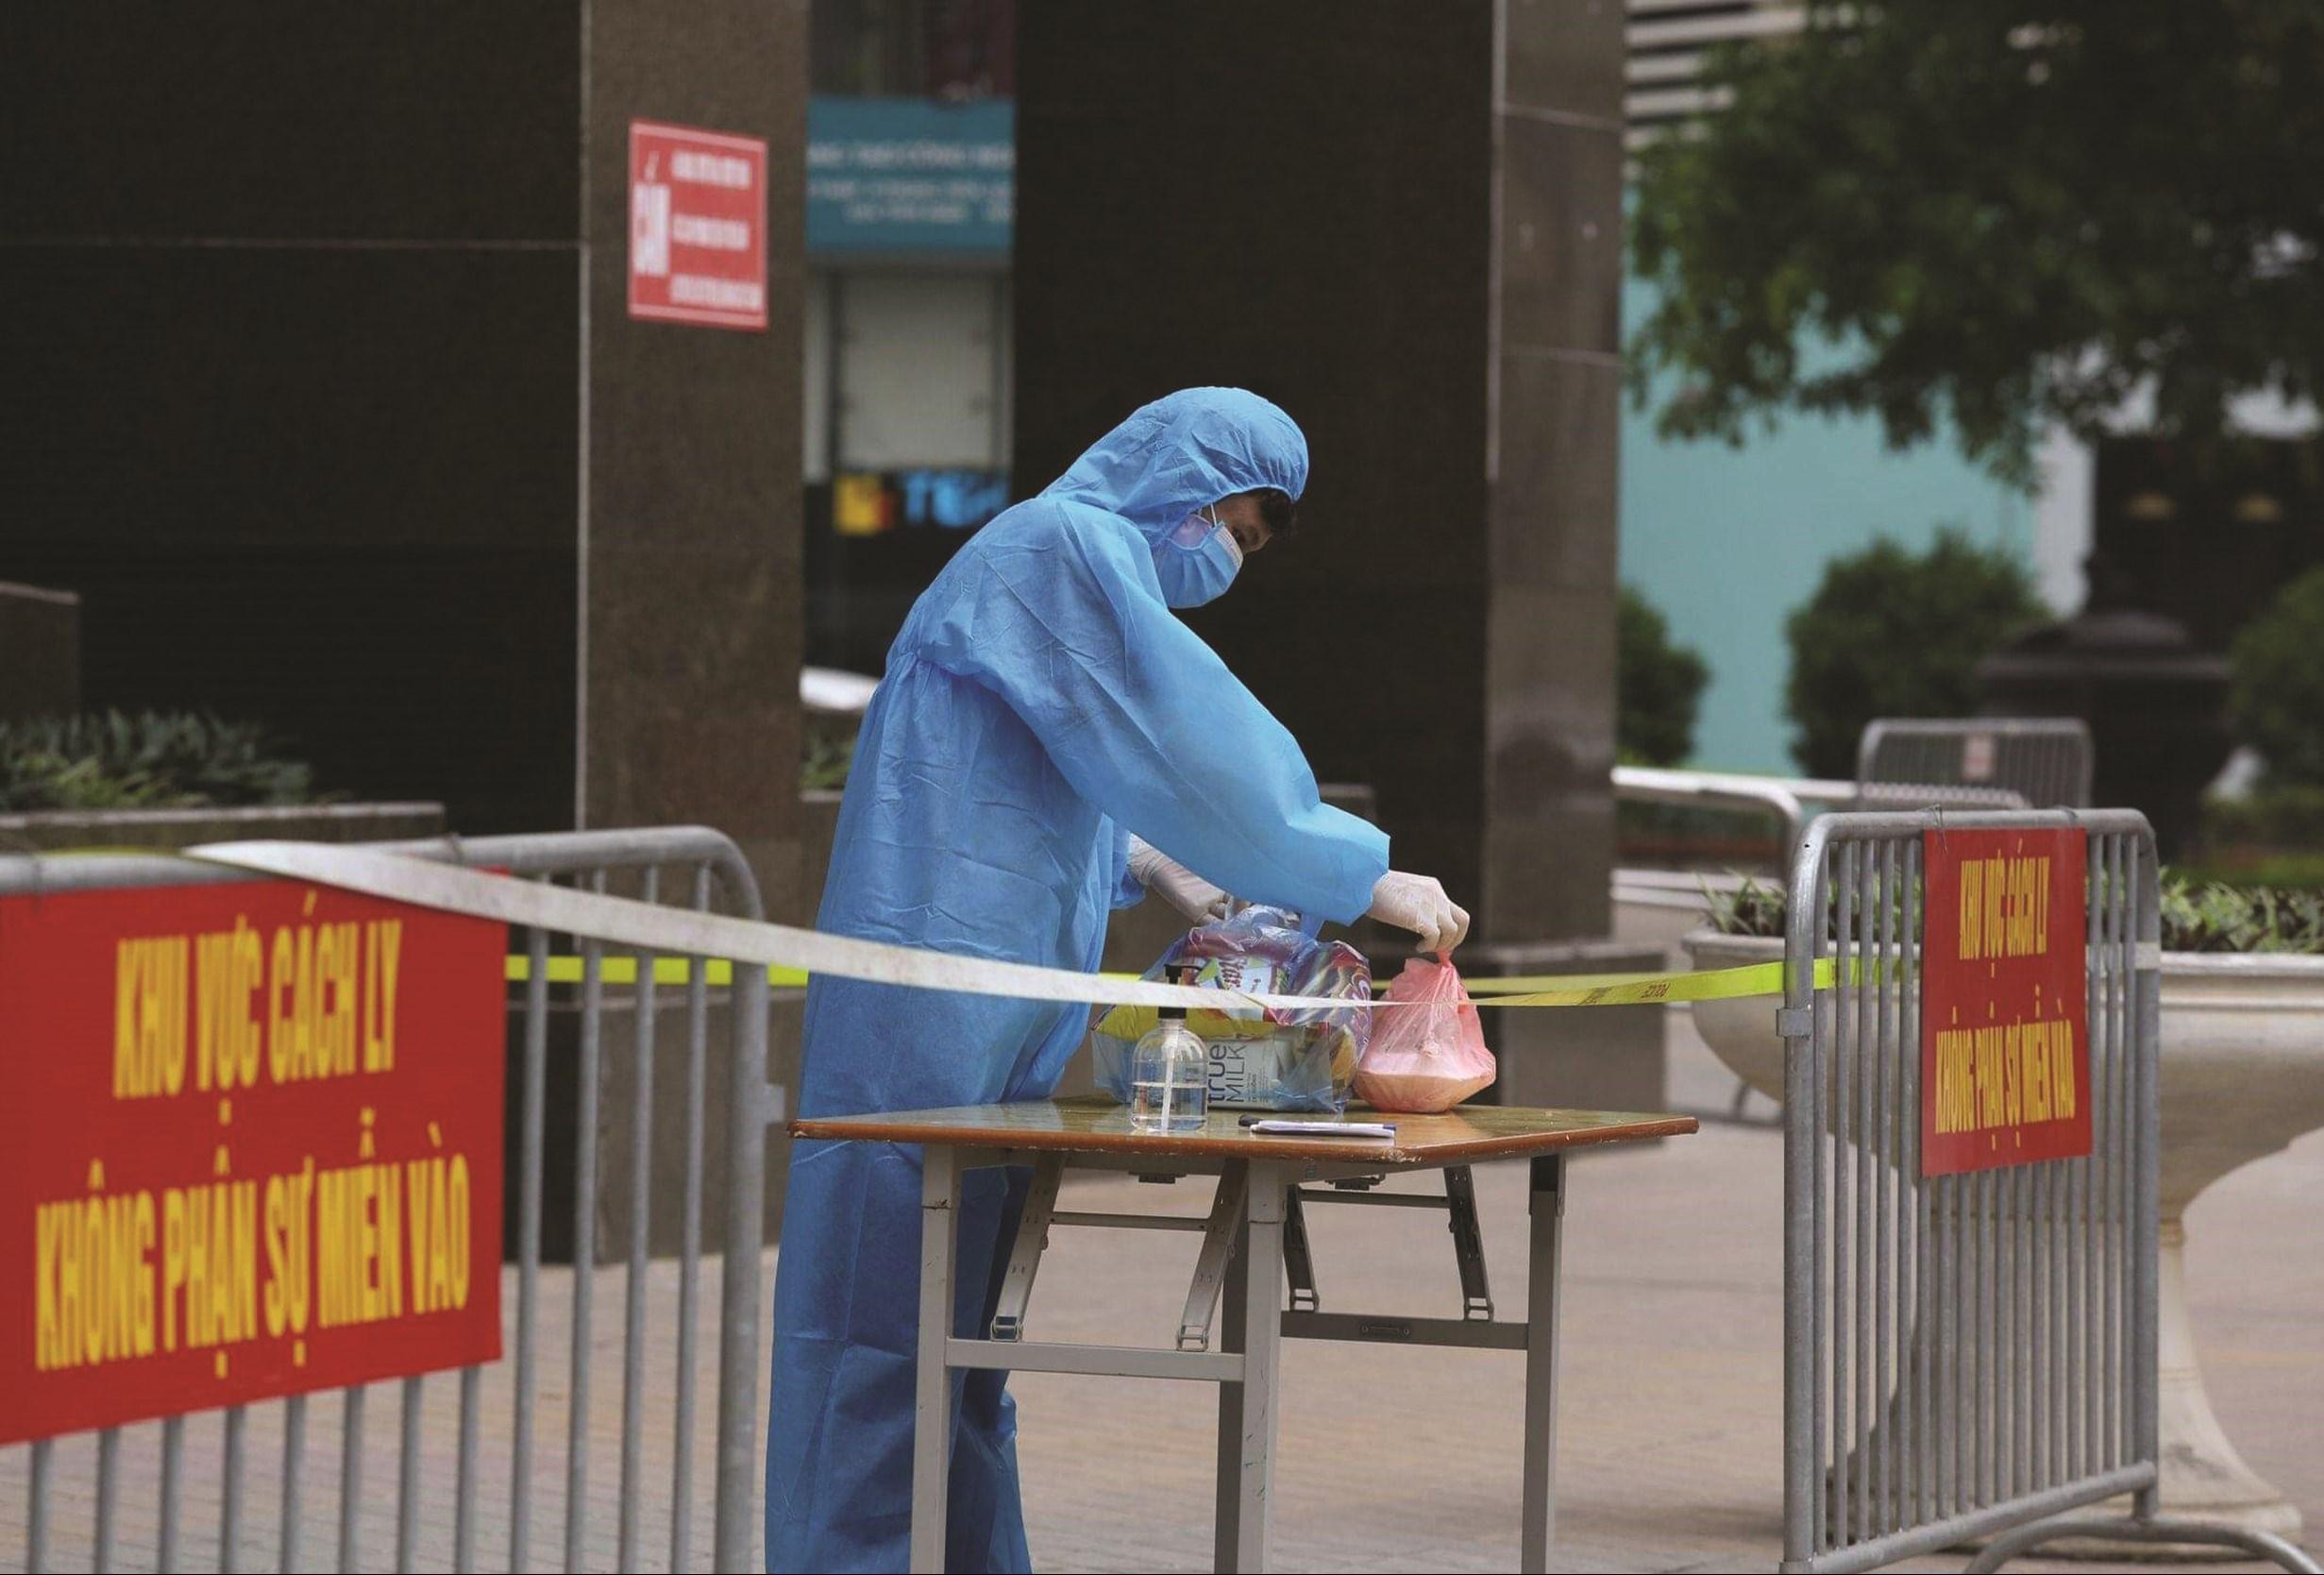 Lực lượng chức năng đã cách ly, phun khử khuẩn tại một tòa chung cư hơn 400 hộ dân tại đường Hoàng Đạo Thúy (Cầu Giấy, Hà Nội)